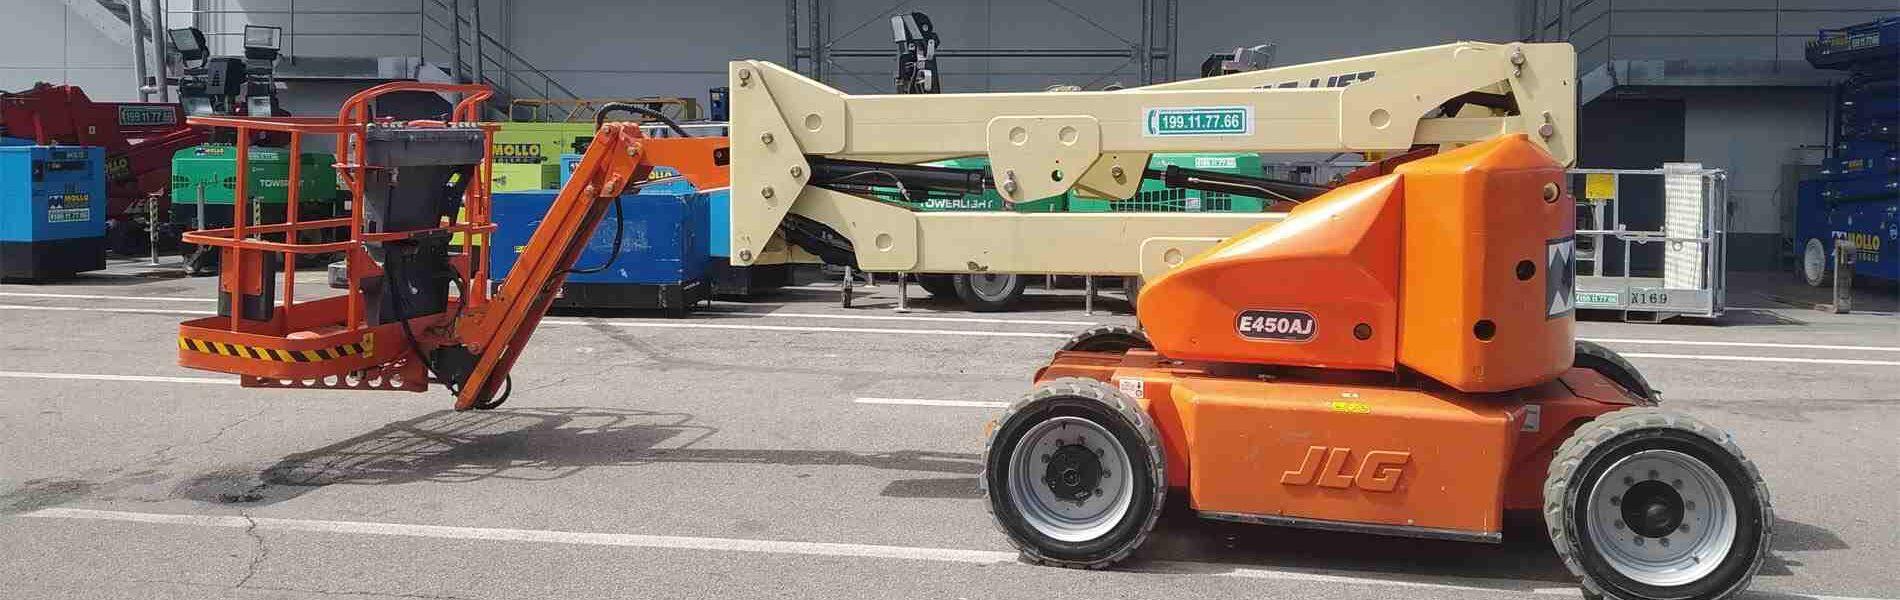 JLG E450 AJ - ANNO 2006